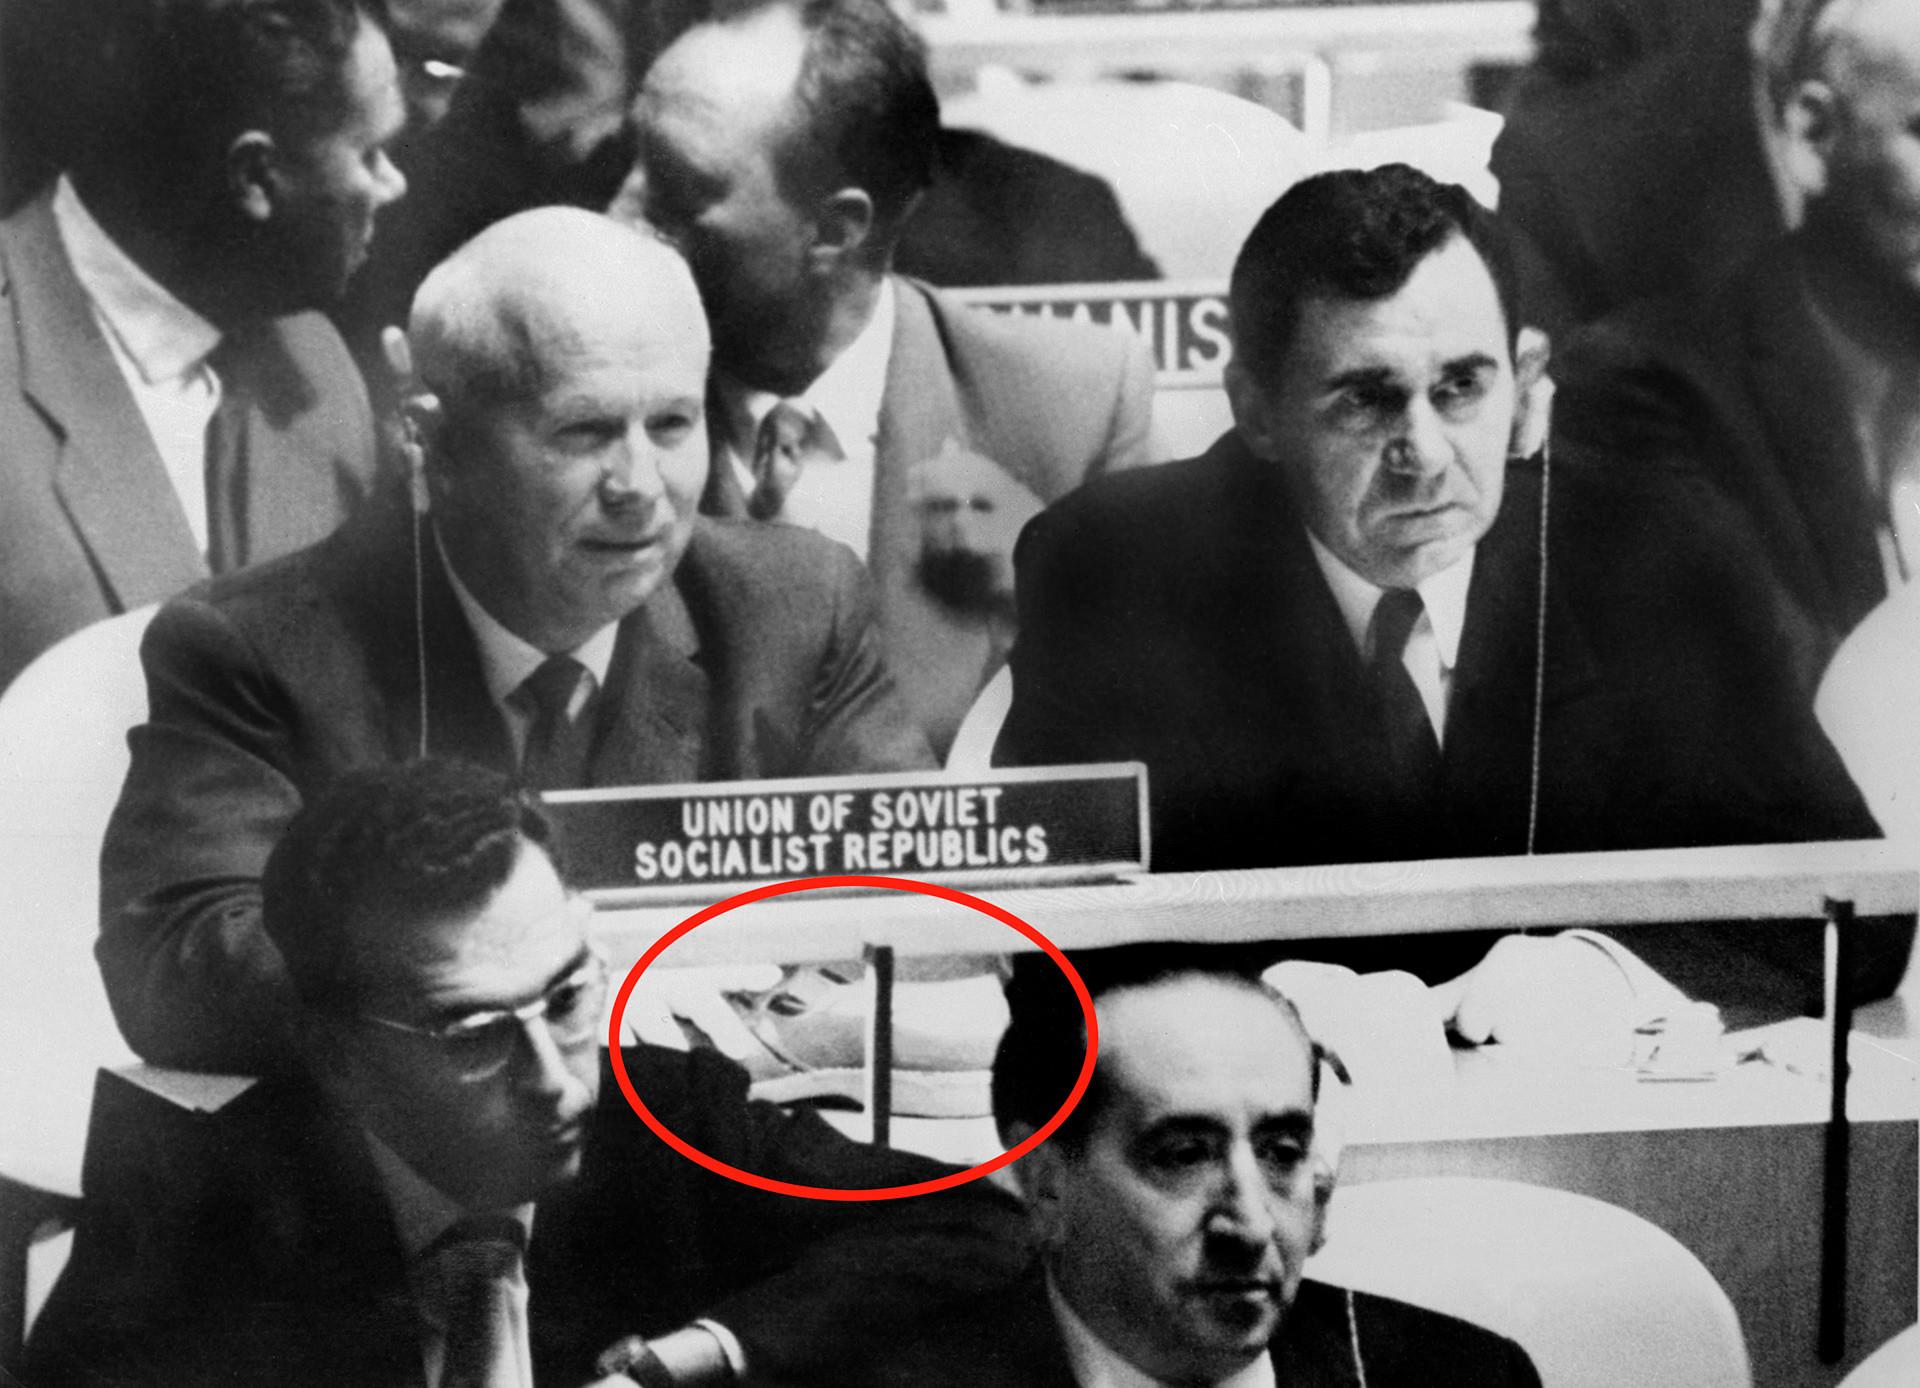 La foto verdadera de Nikita Jrushchov y el ministro de Asuntos Exteriores, Andréi Gromiko, durante la Asamblea General de la ONU, el 12 de octubre de 1960. El círculo rojo marca el zapato en la mesa de Jrushchov.